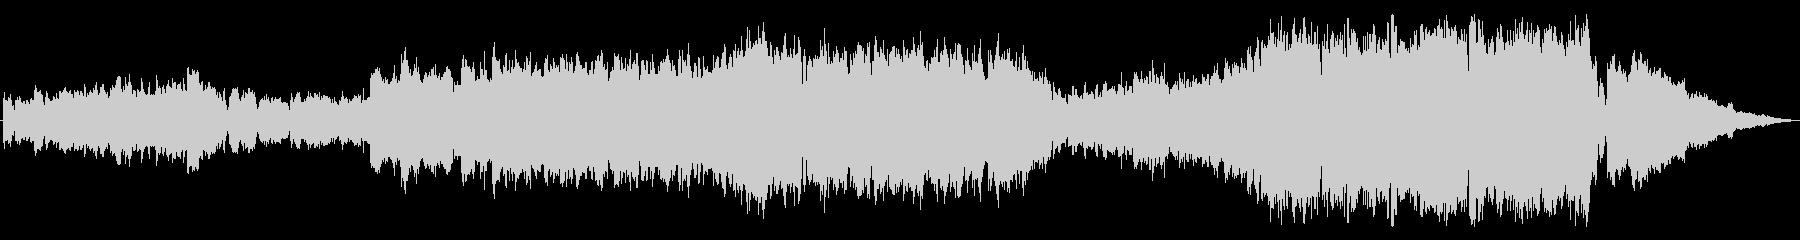 バイオリンポップス ビート&メロディアスの未再生の波形